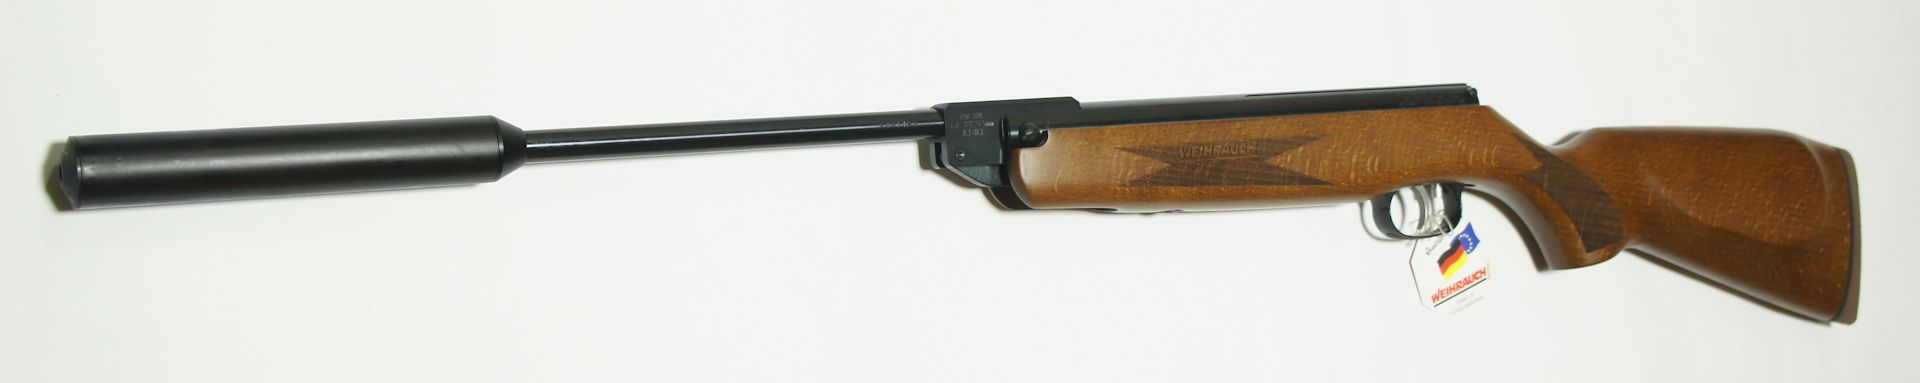 Luftgewehr HW 30s mit Luxusschaft und Schalldämpfer